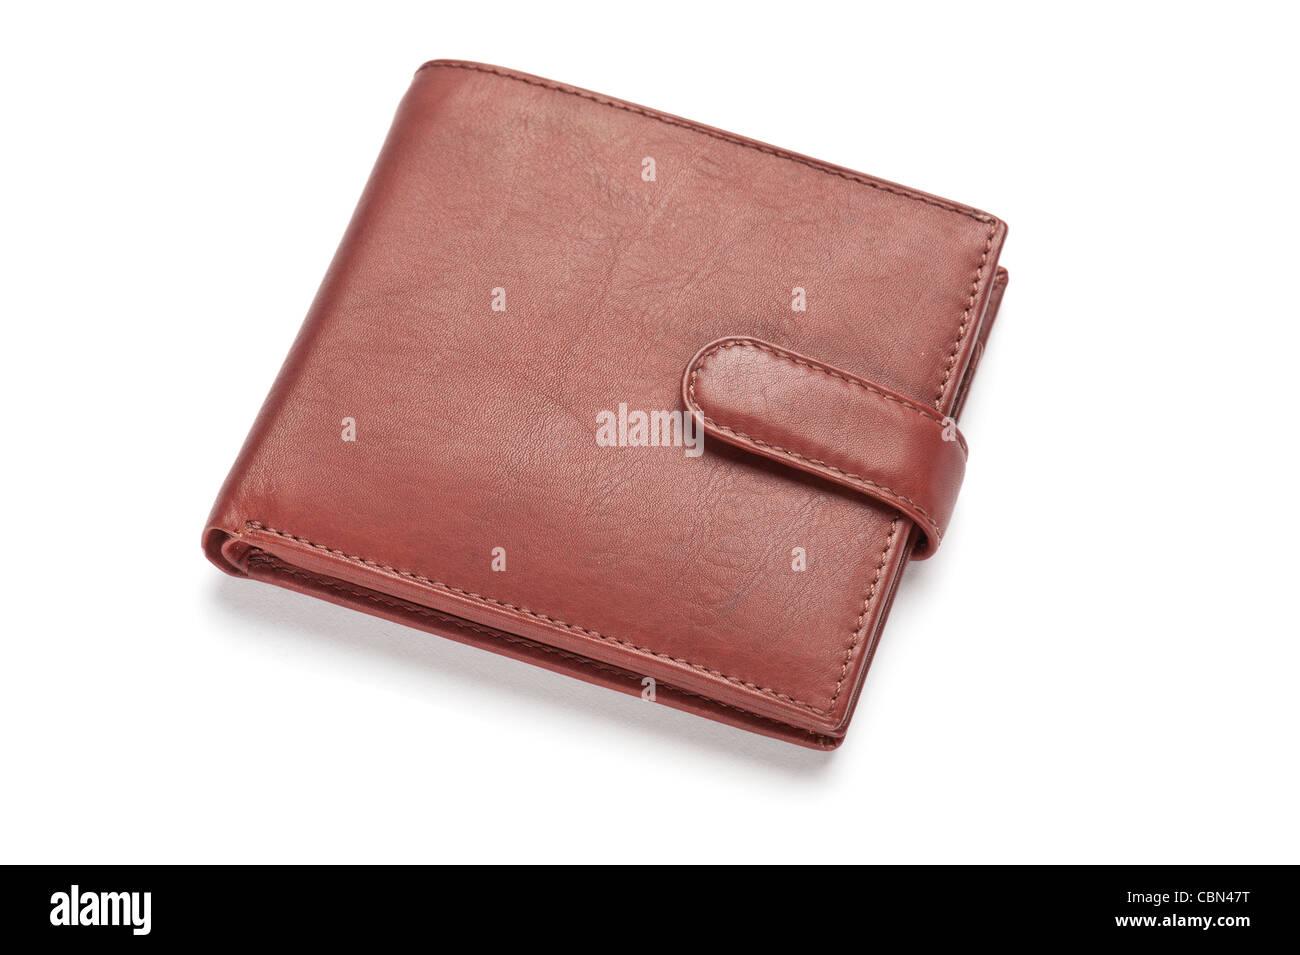 54332f98b1 Un portefeuille en cuir marron, close-up Photo Stock